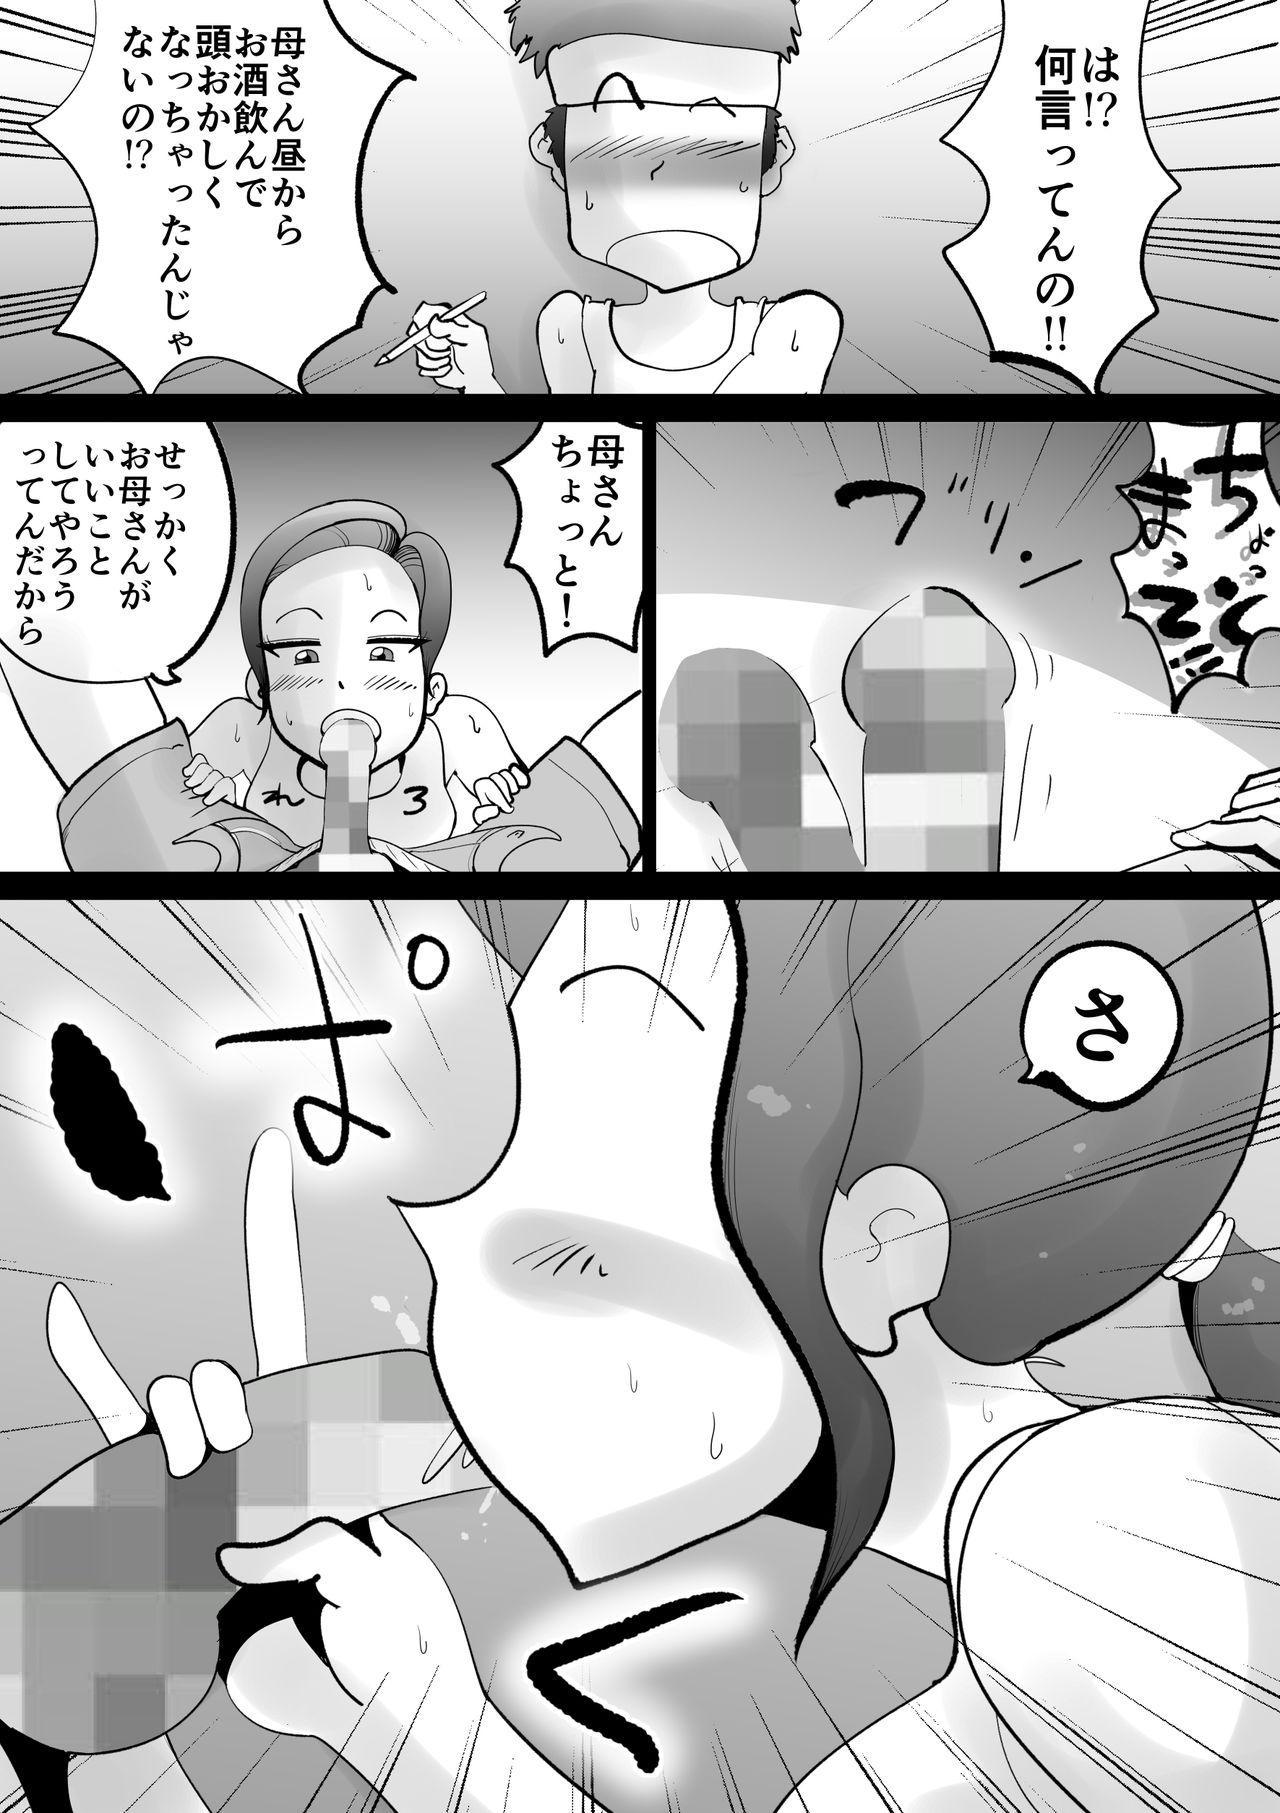 Warunori Shita Hahaoya ni Karuku Seishori ni Tsukawareru Hanashi 21